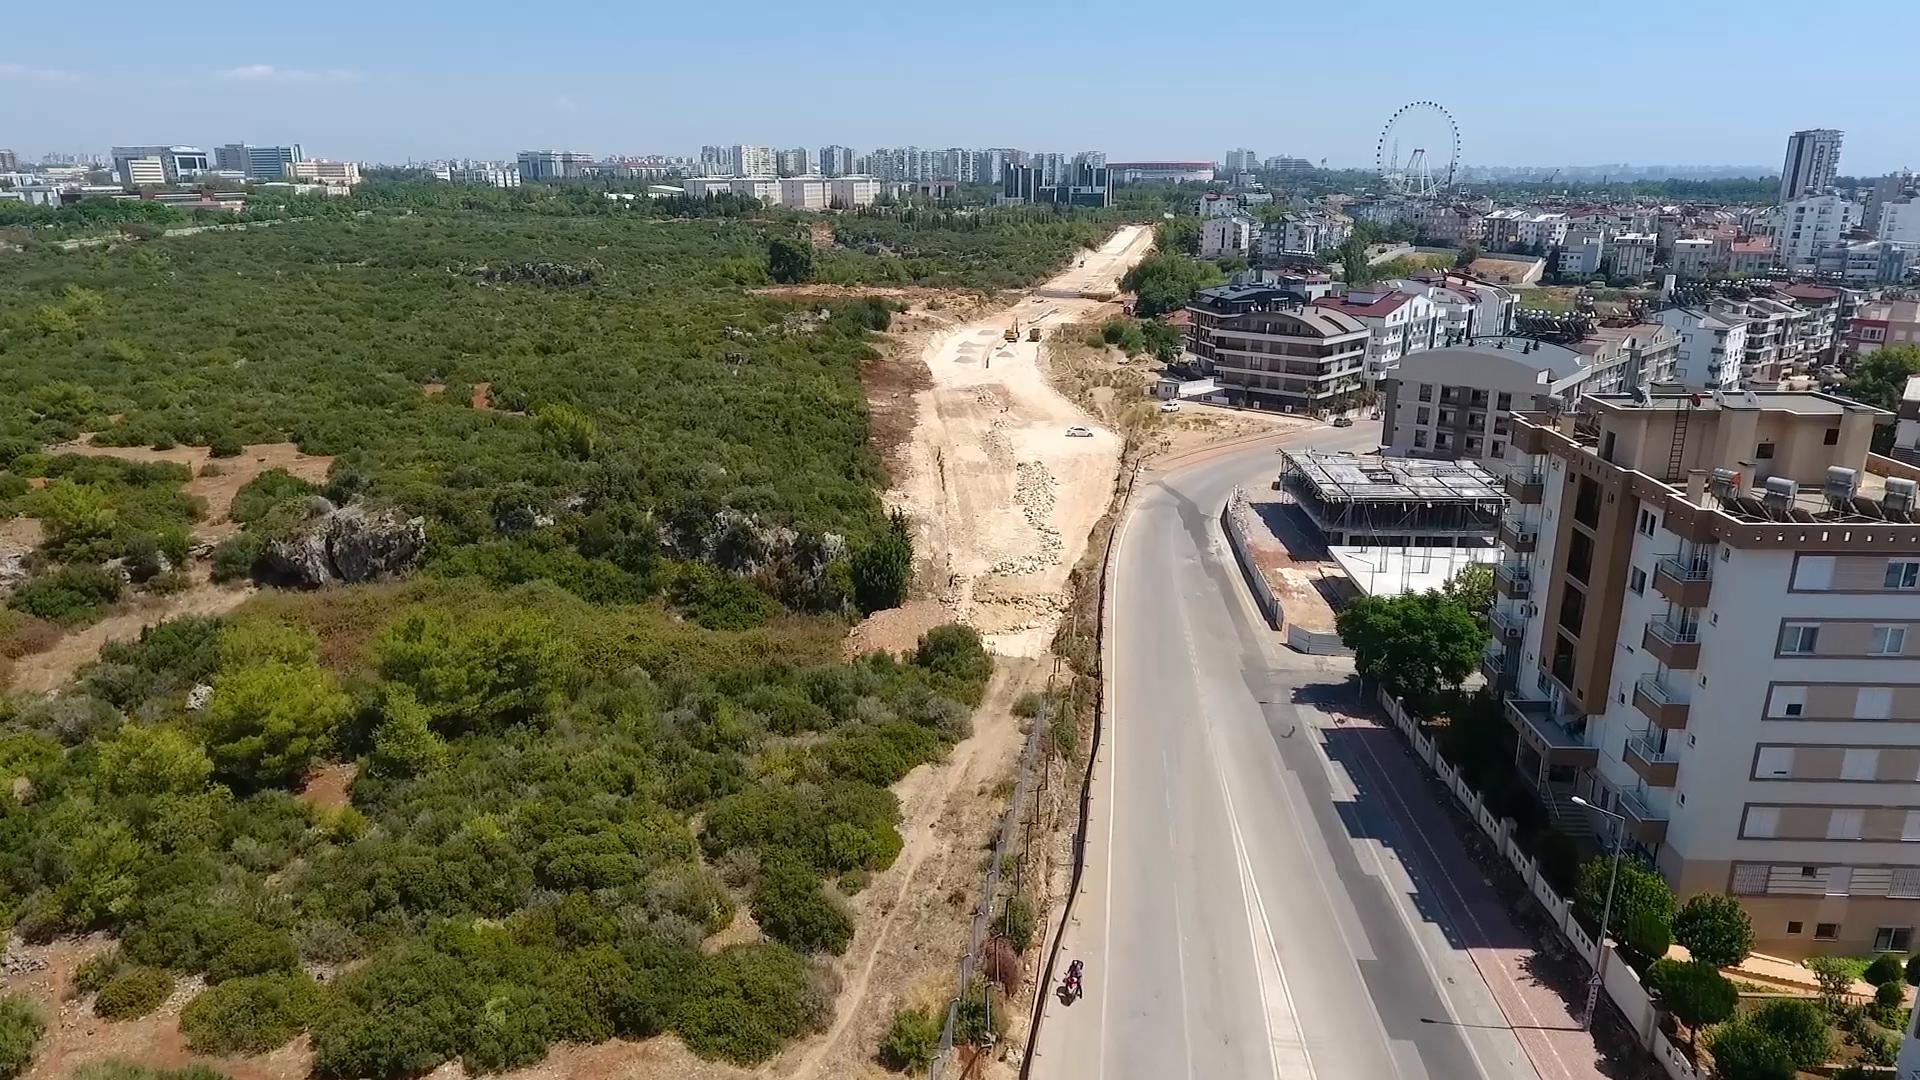 Büyükşehir'in Yaptığı Yeni yol Konyaaltı'nı rahatlatacak